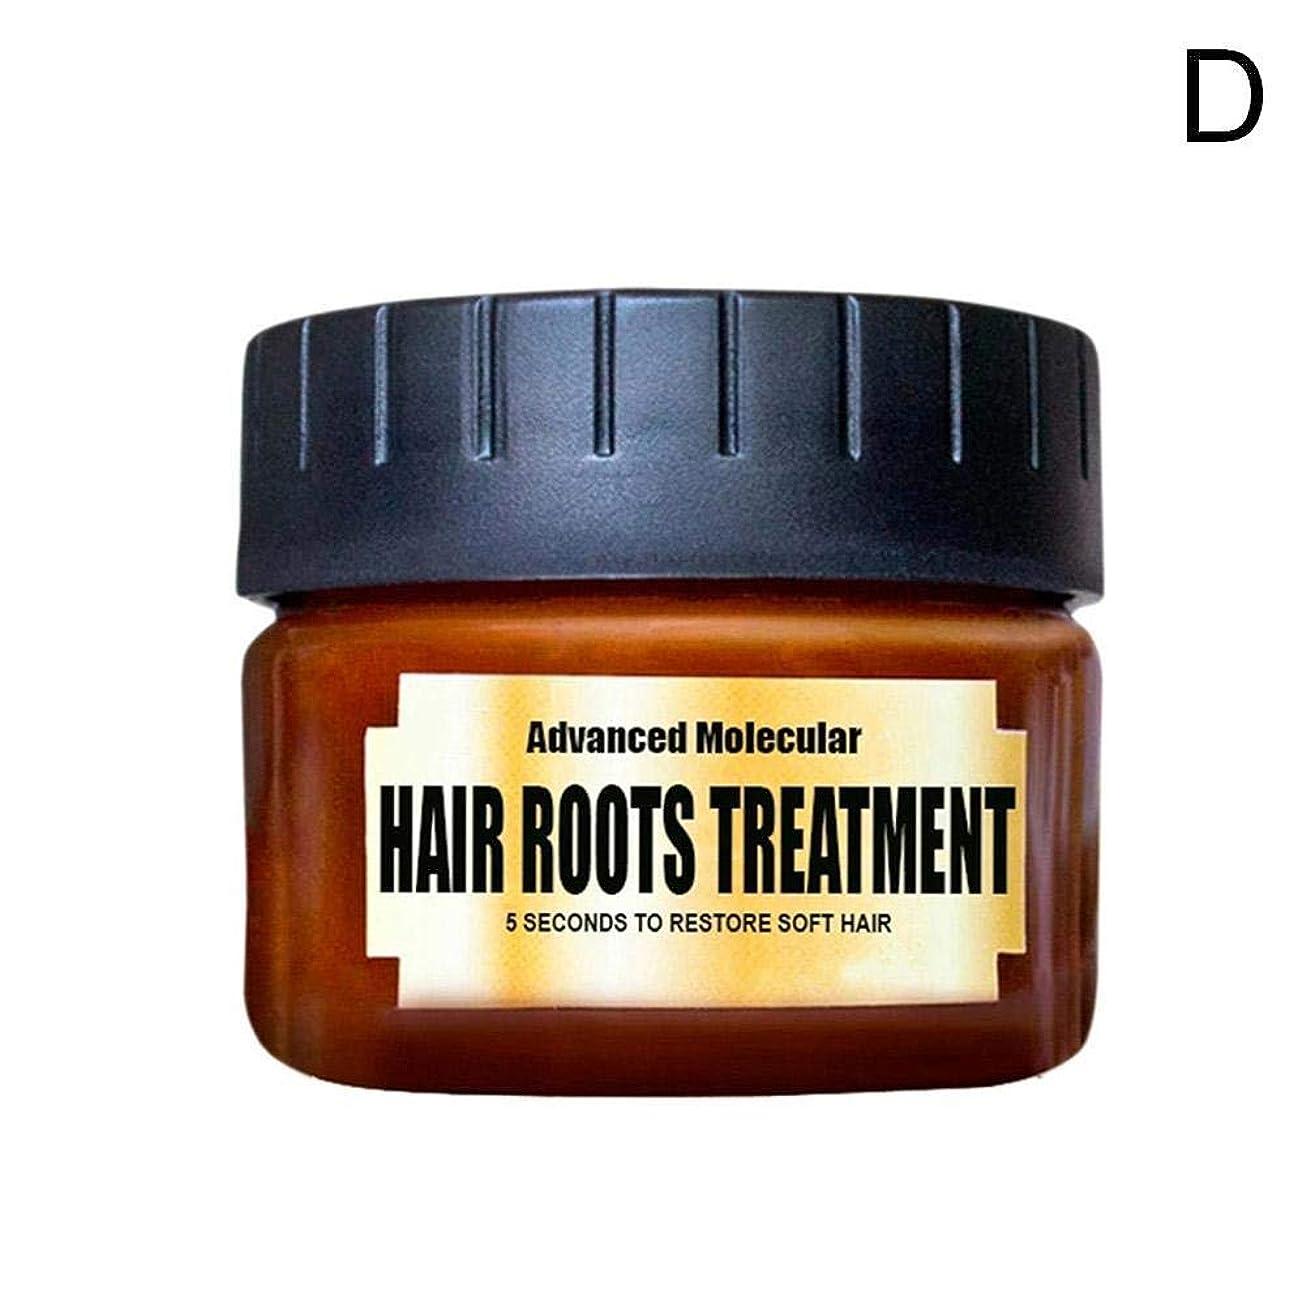 収まる作詞家きらきらBETTER YOU (ベター ュー) 多機能トリートメント、オイルよけ、柔順、栄養毛、乾燥防止、修復髪質、50 ml (D 04)